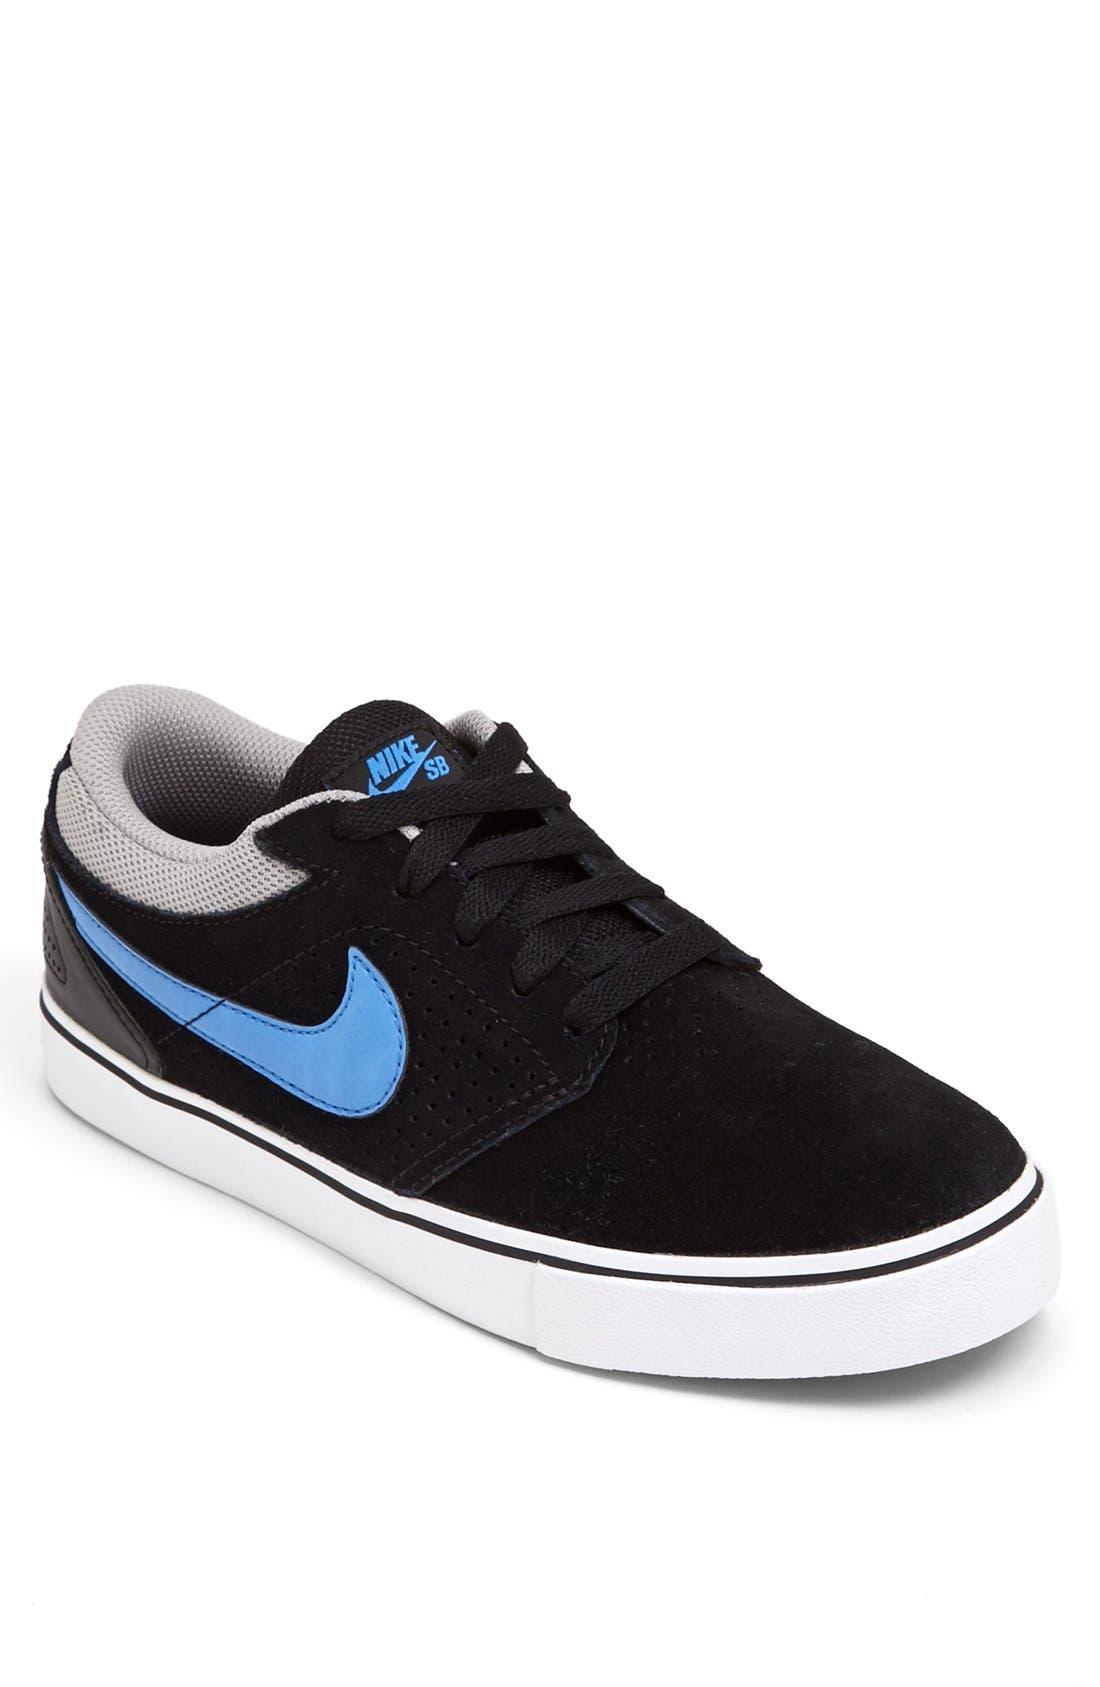 Alternate Image 1 Selected - Nike 'Paul Rodriguez 5 LR' Sneaker (Men)